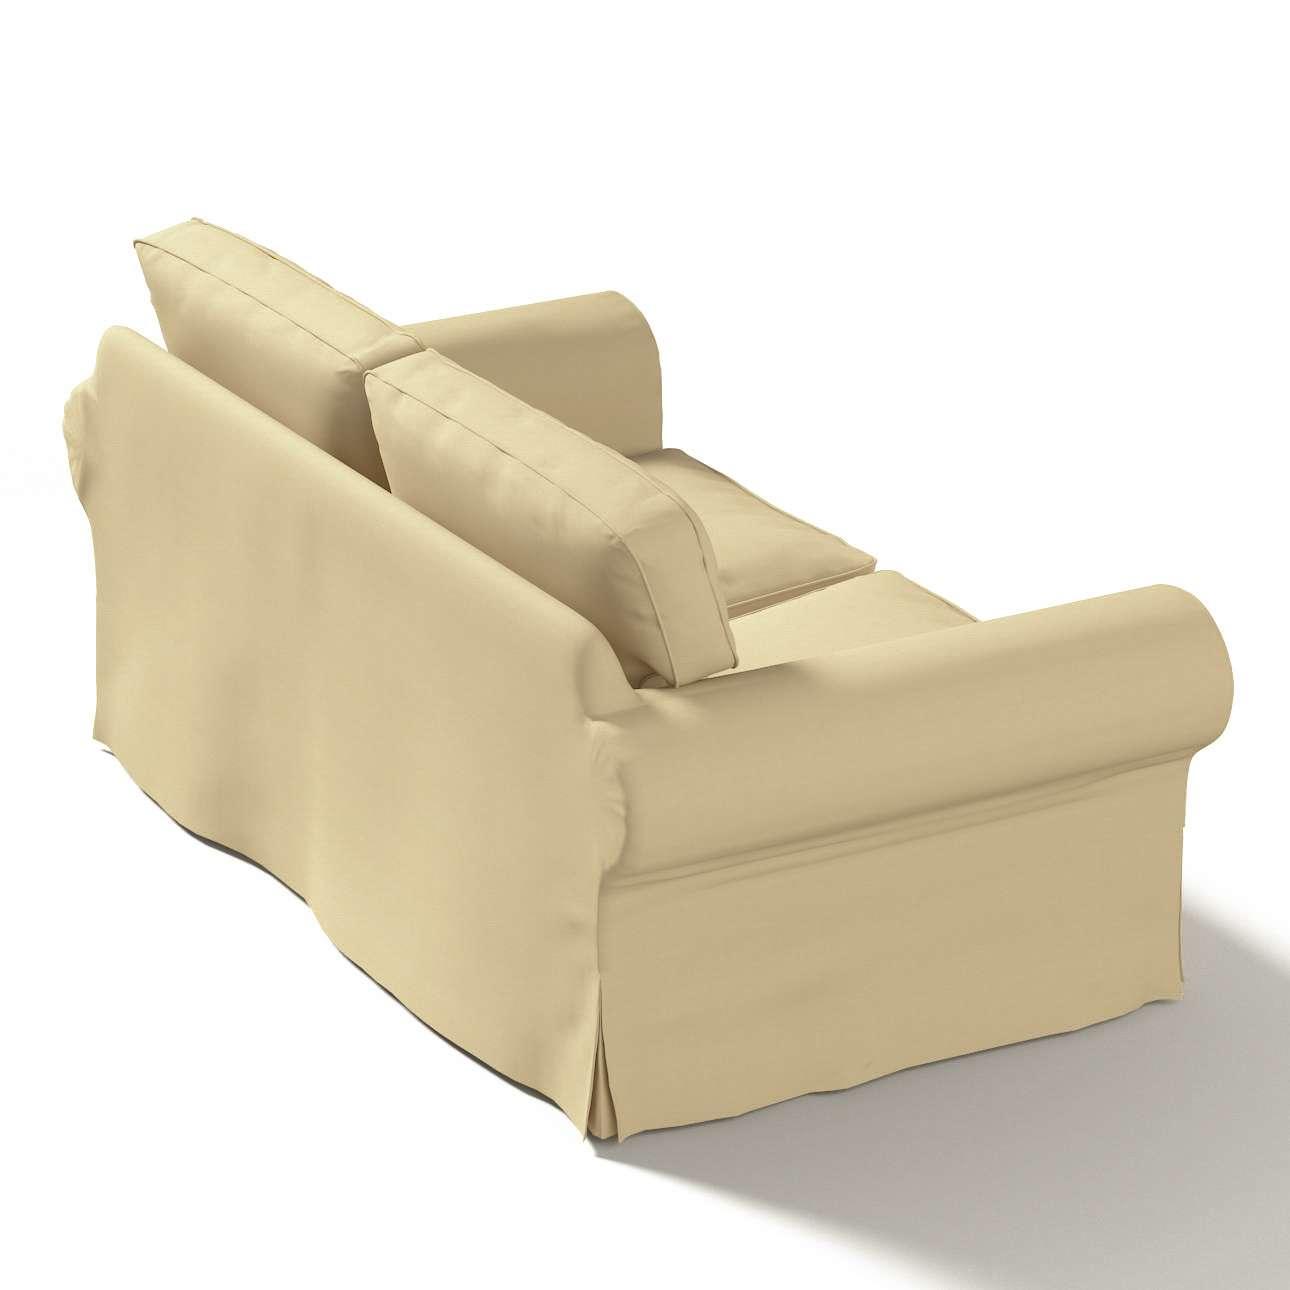 Ektorp 2 sæder Betræk uden sofa fra kollektionen Cotton Panama, Stof: 702-01